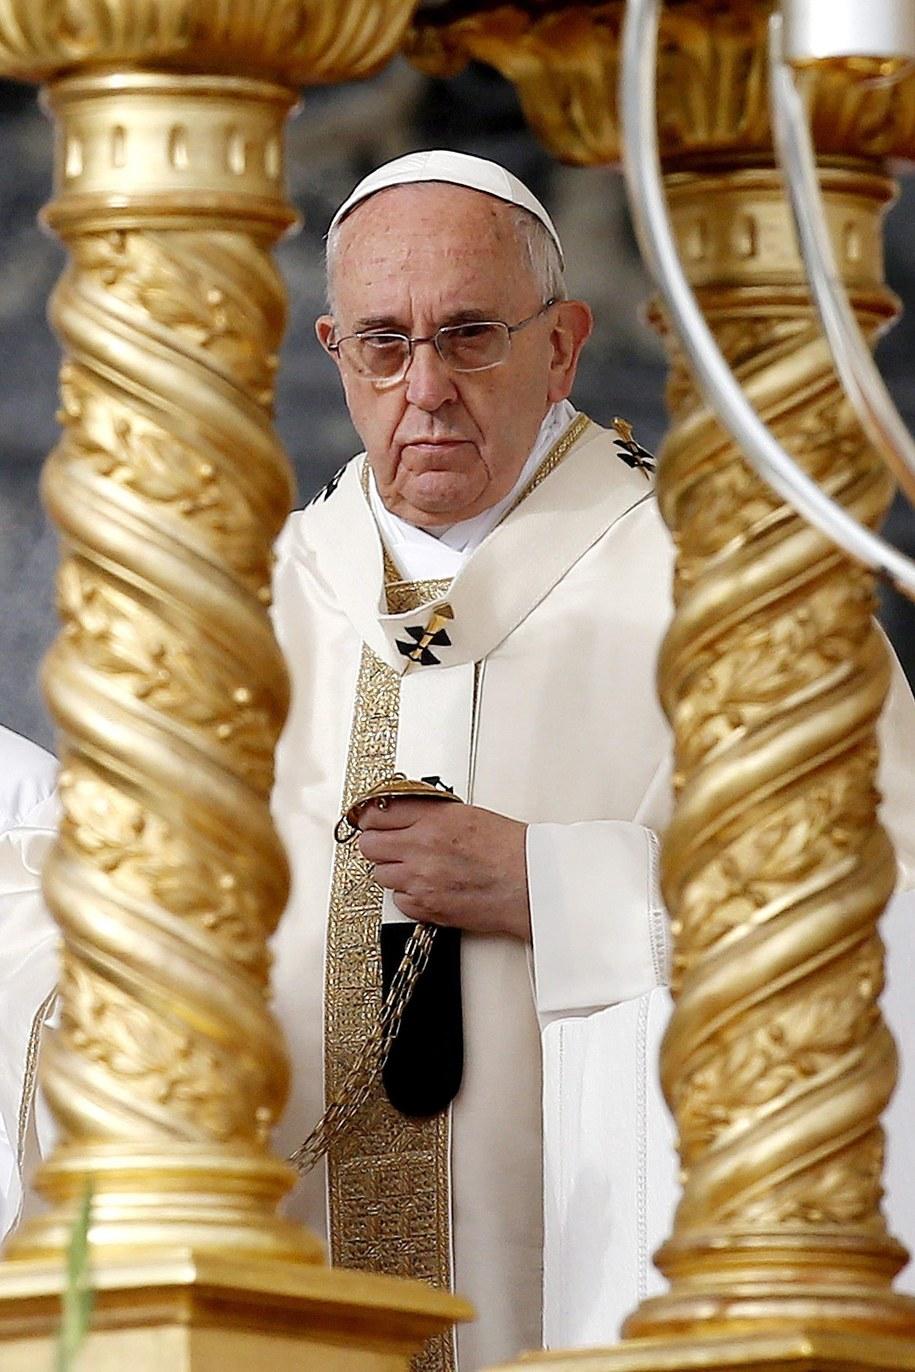 Papież Franciszek spotka się z 97-letnią Niemką, u której mieszkał przed 30 laty /Fabio Frustaci /PAP/EPA